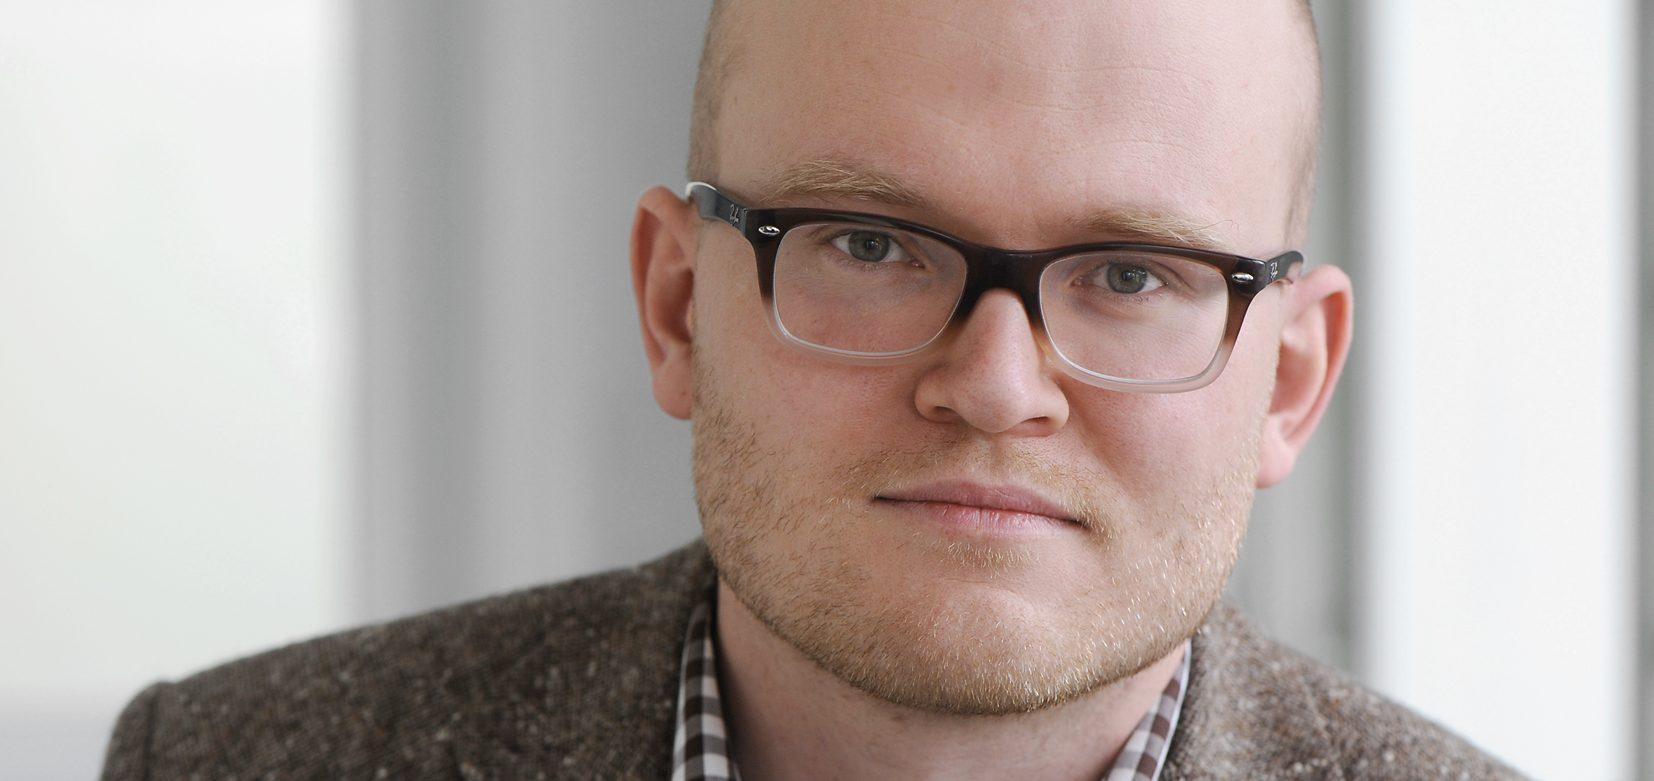 Baurechts-Experte Dr. Fiete Kalscheuer klärt auf